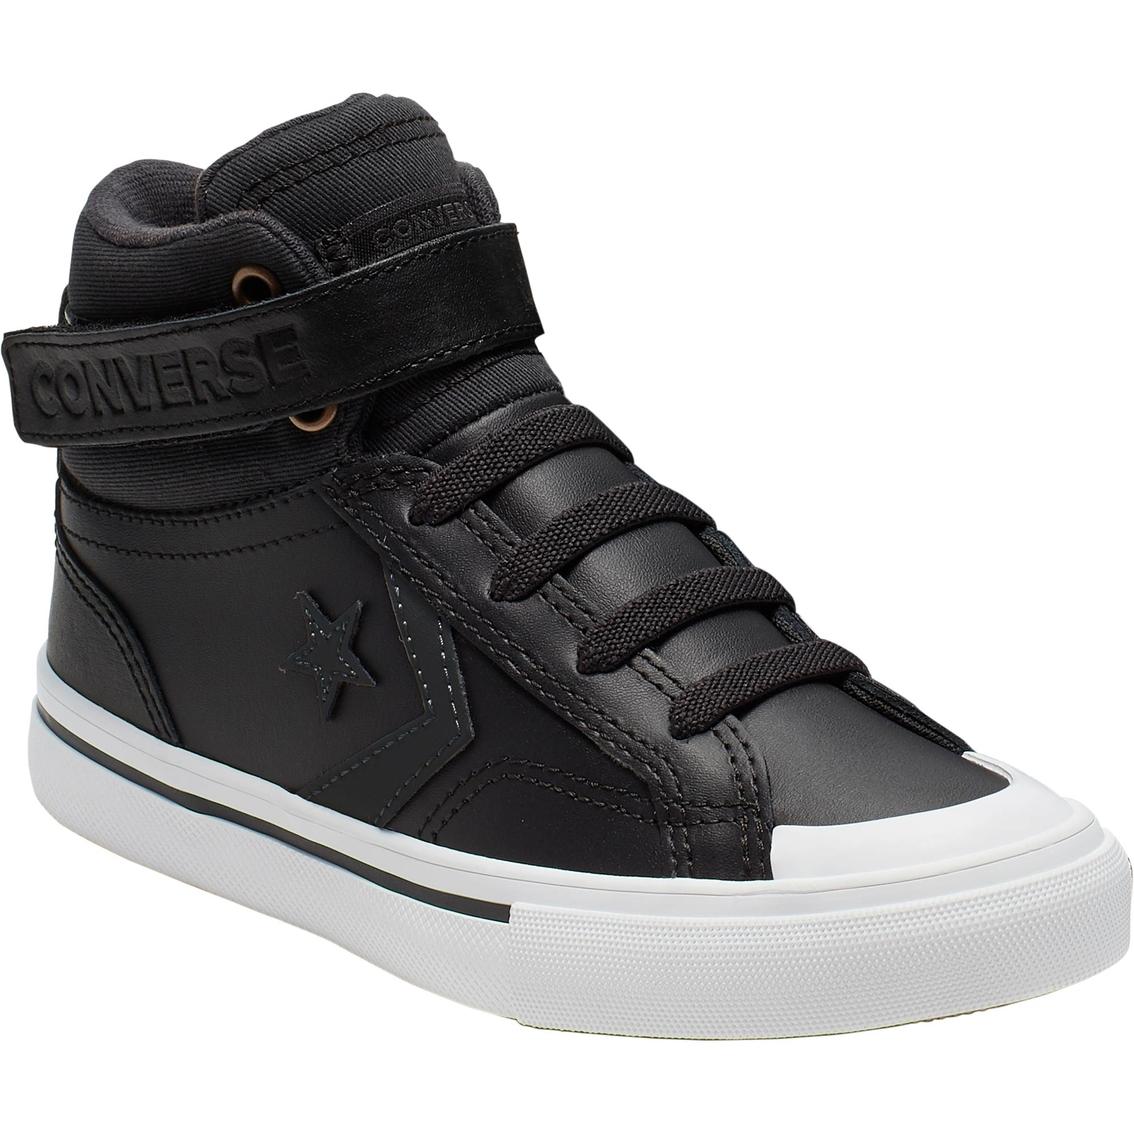 Converse Boys Pro Blaze Strap Hi Top Shoes | Children's